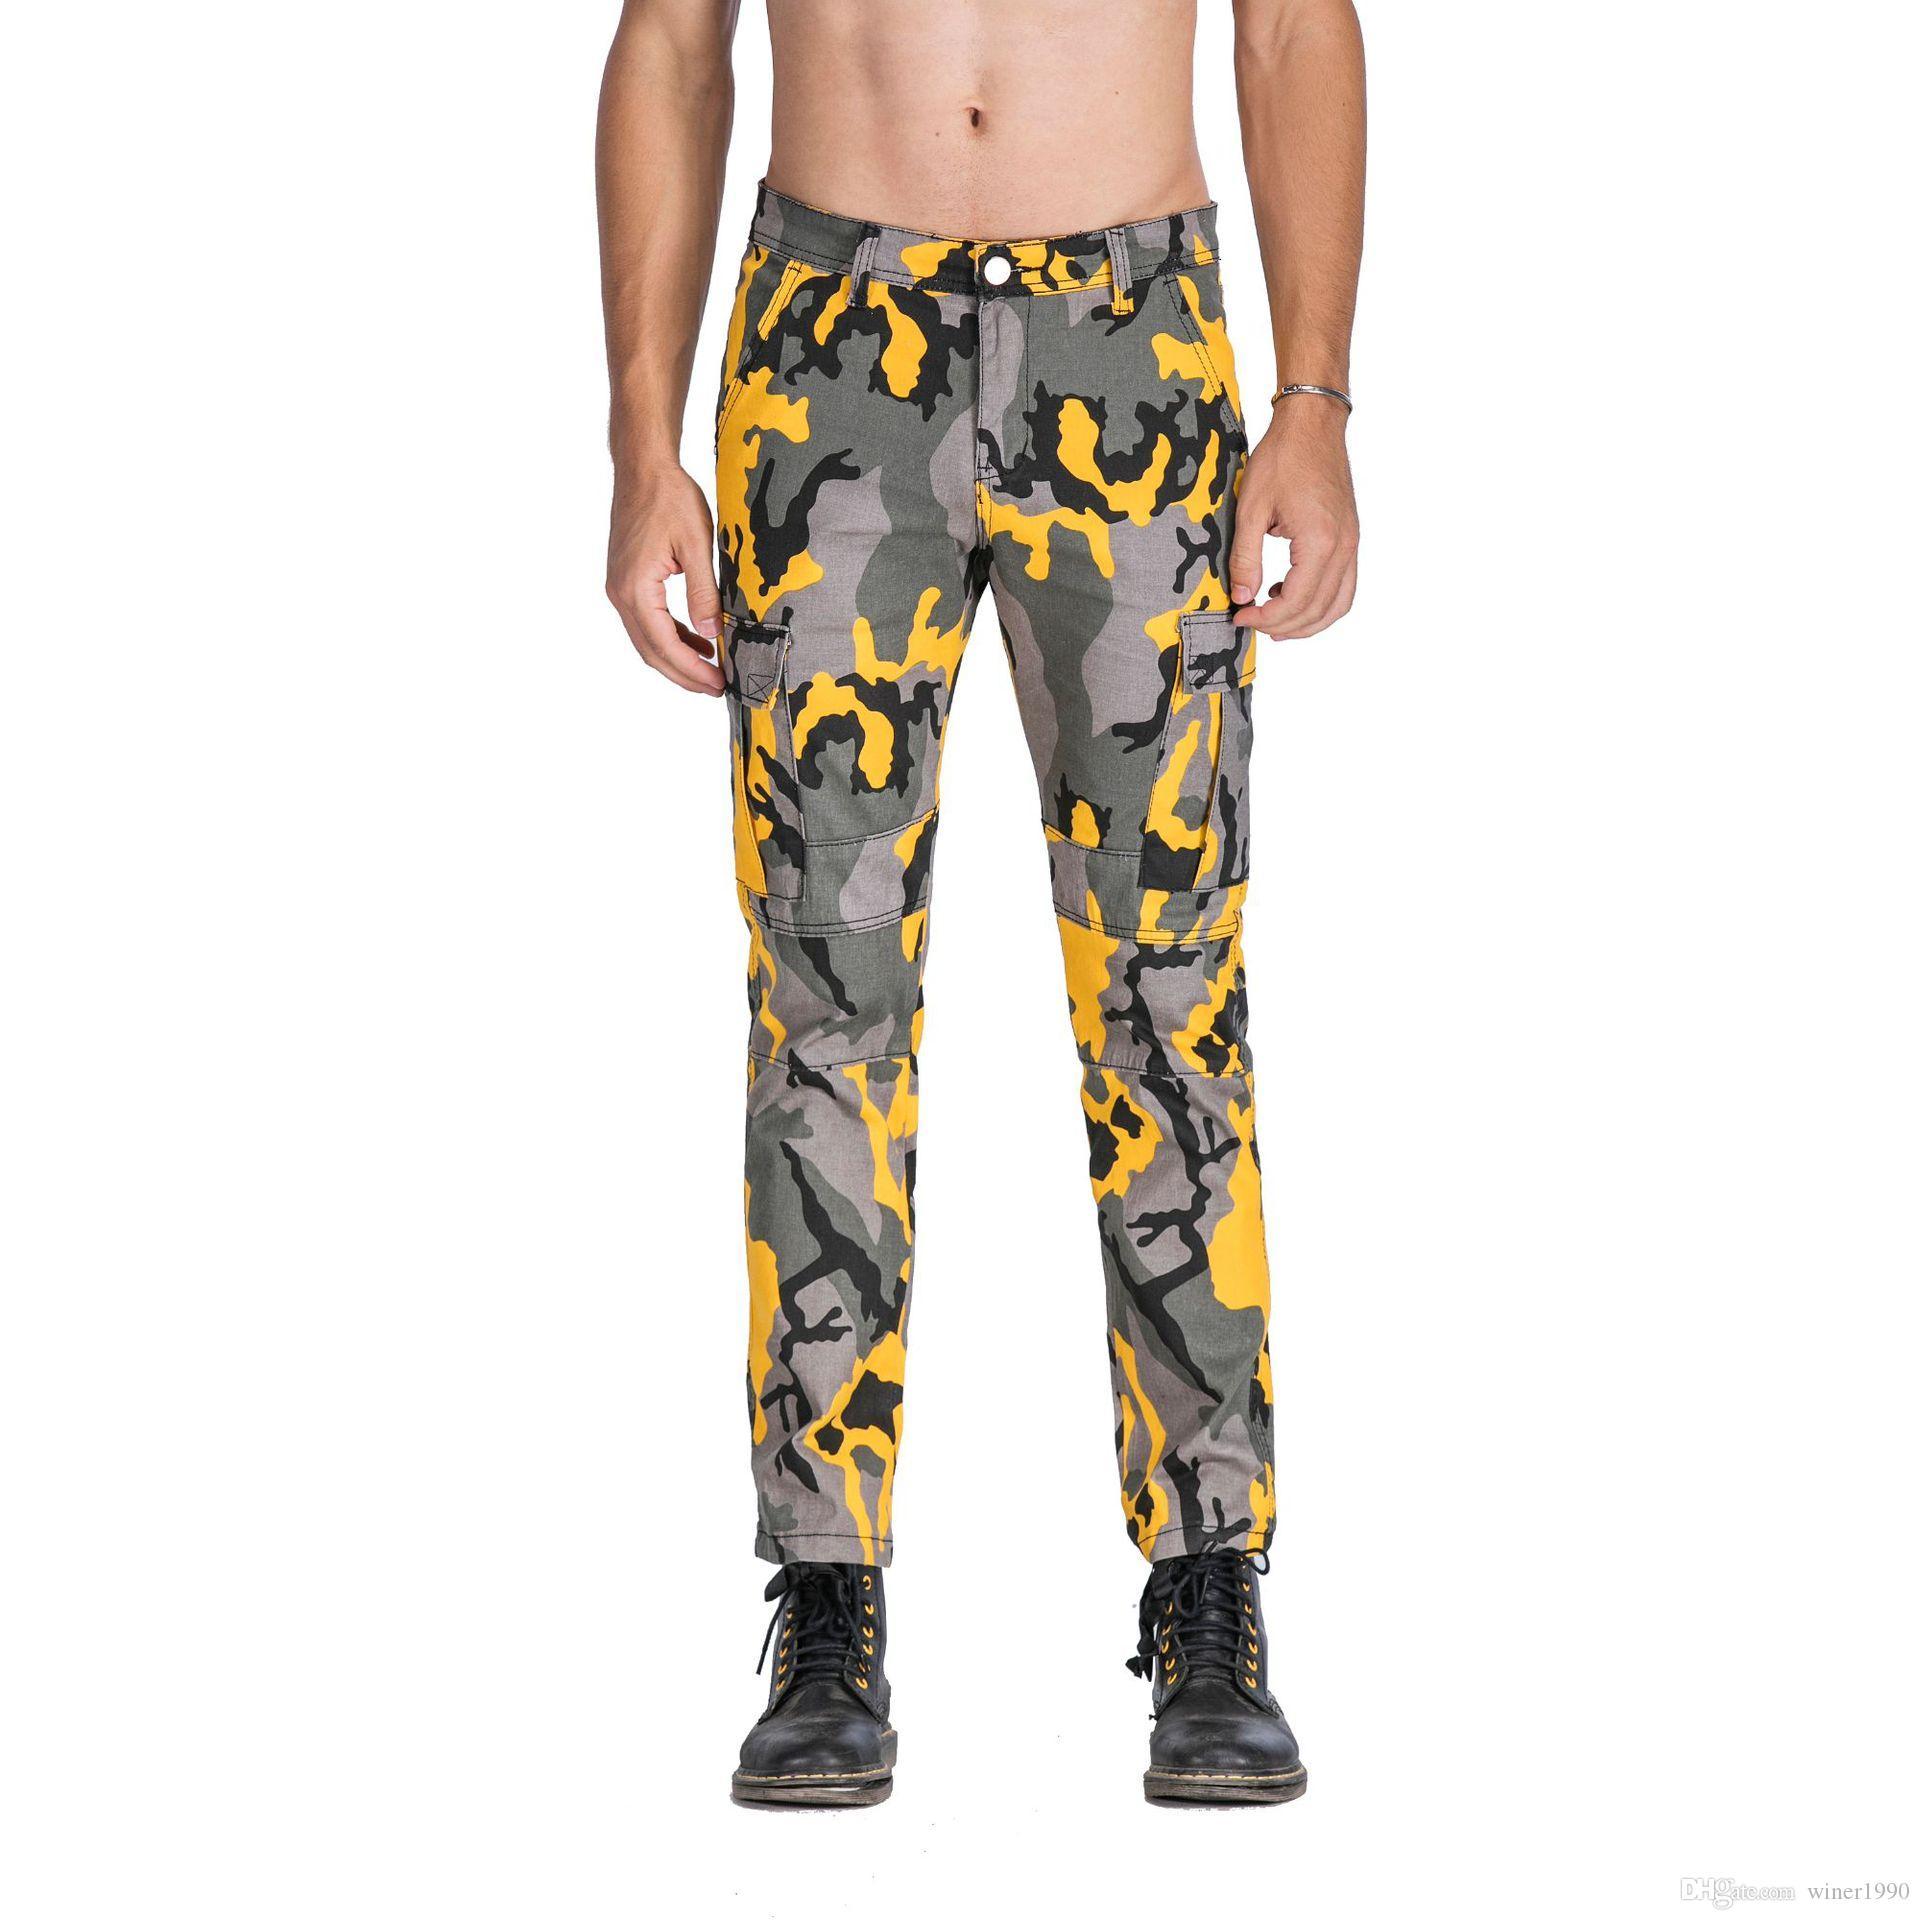 Moda erkek kamuflaj pantolon rahat pantolon 4 renk